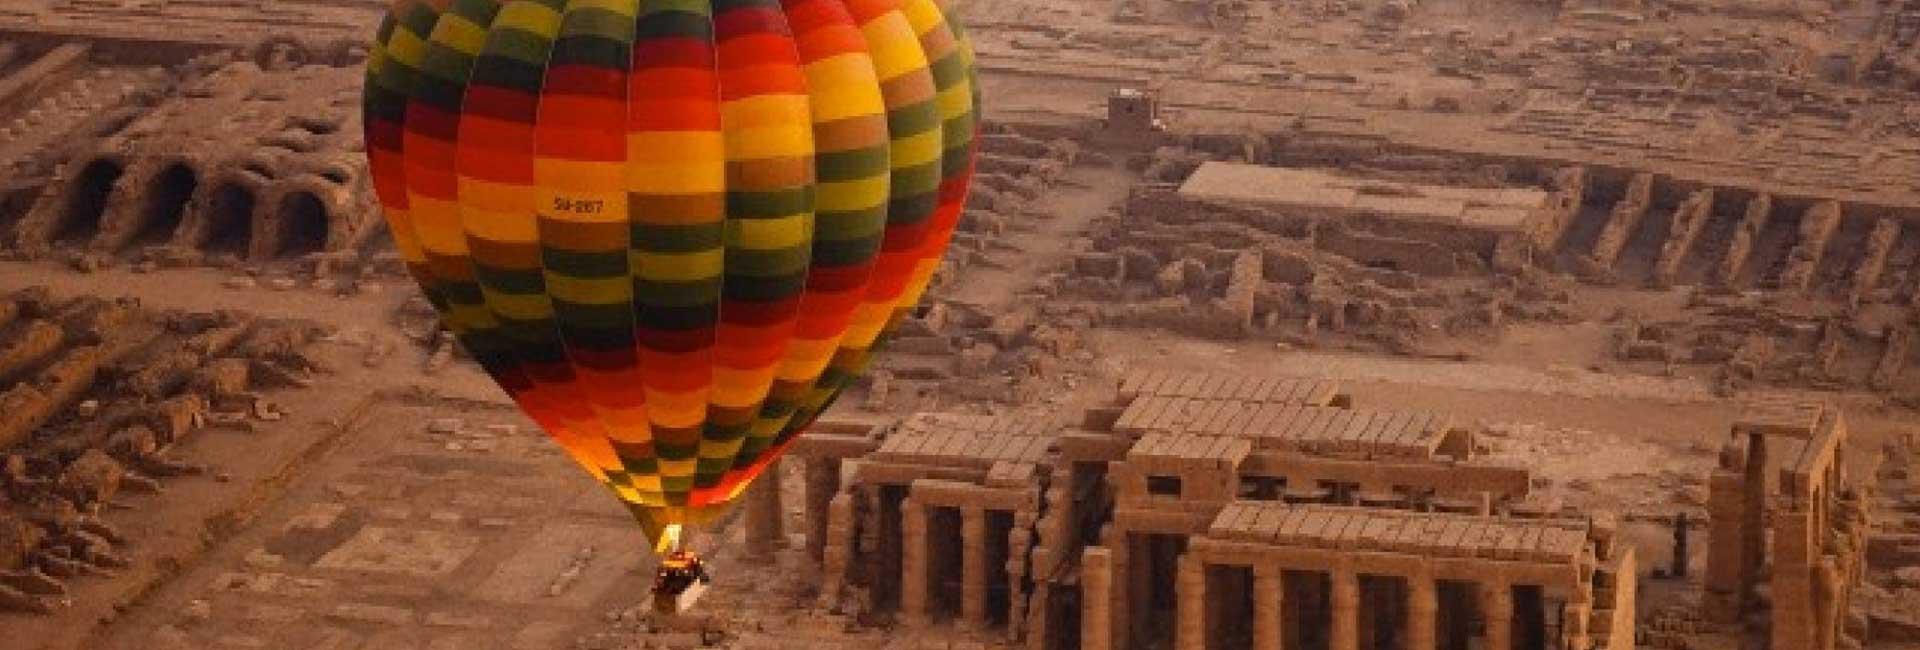 Luxor Air Tours